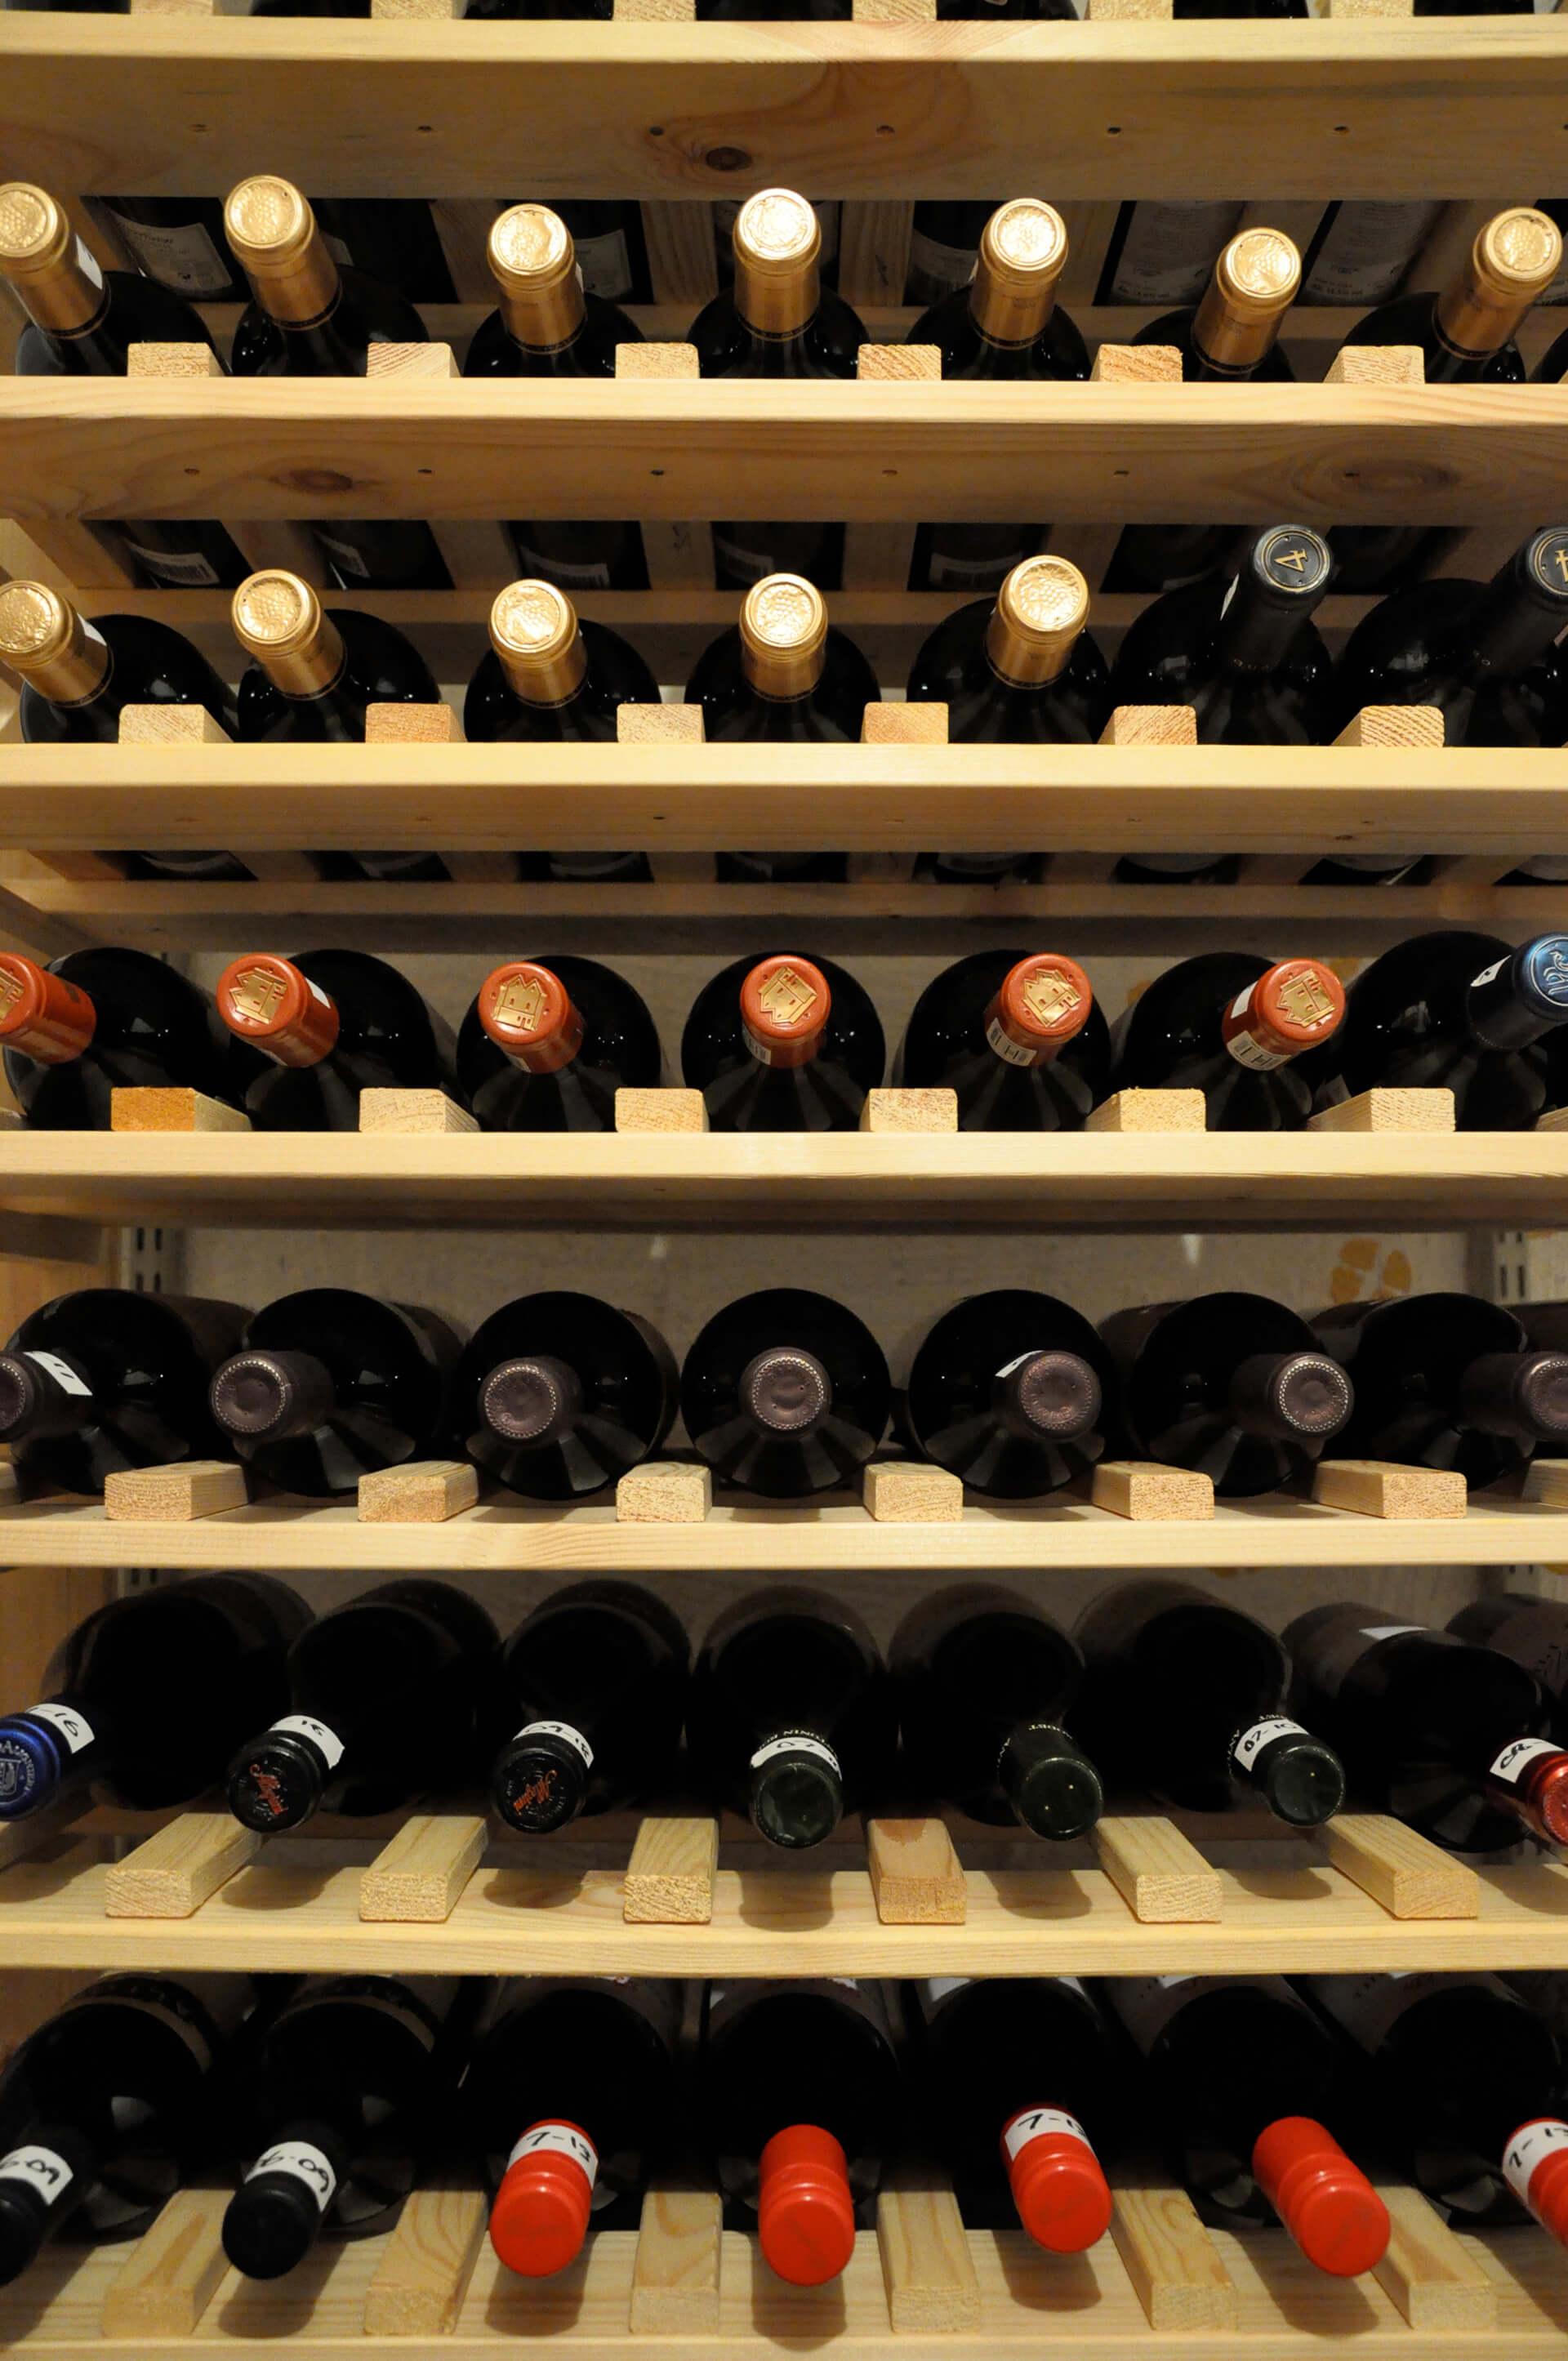 Solução criativa e barata para deixar a adega organizada: prateleiras de madeira com ripas entre as garrafas.